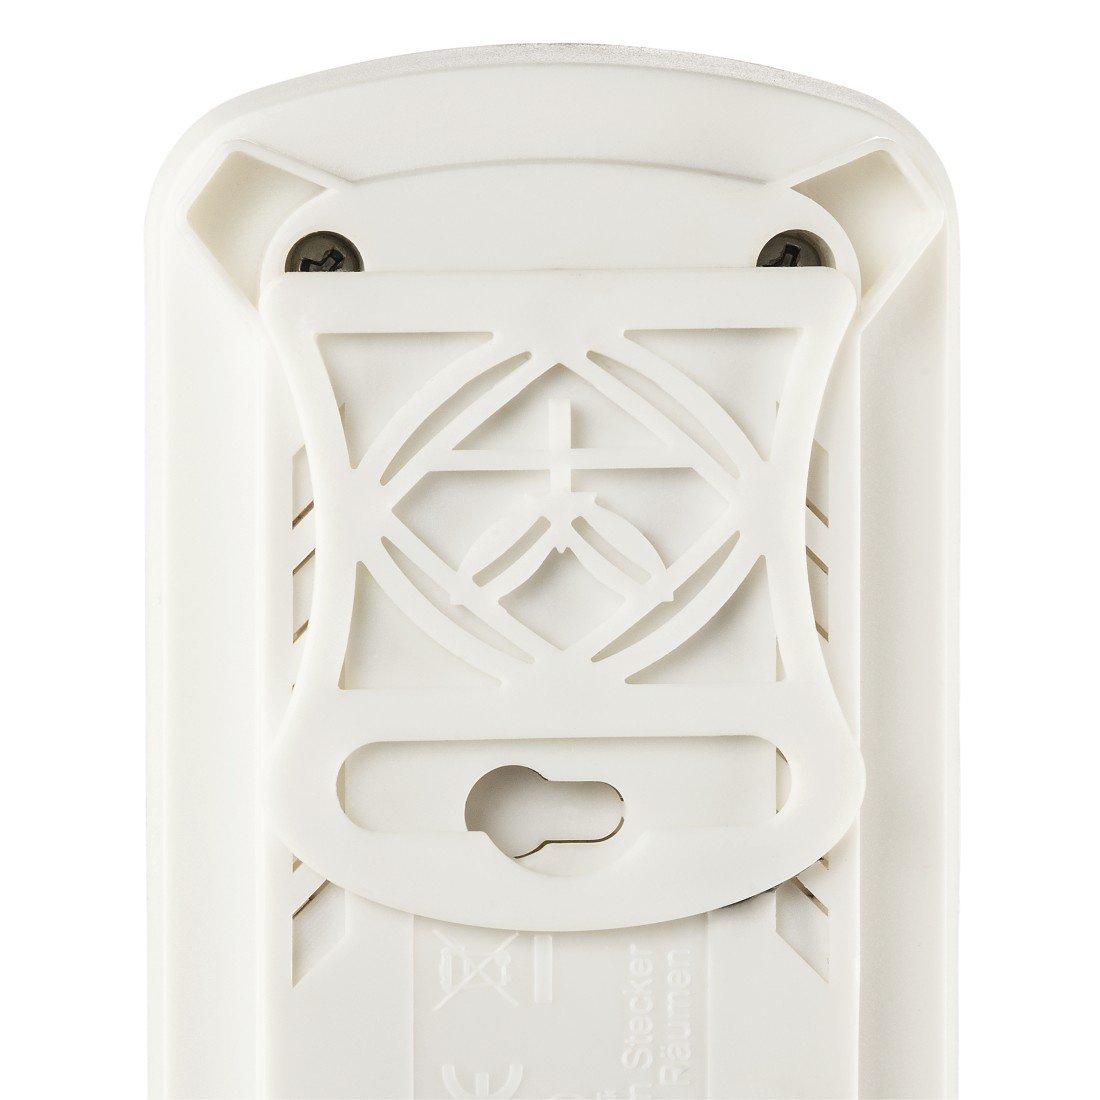 Удлинитель НАМА на 6 розеток, с выключателем, 1,5 м, белый фото 6